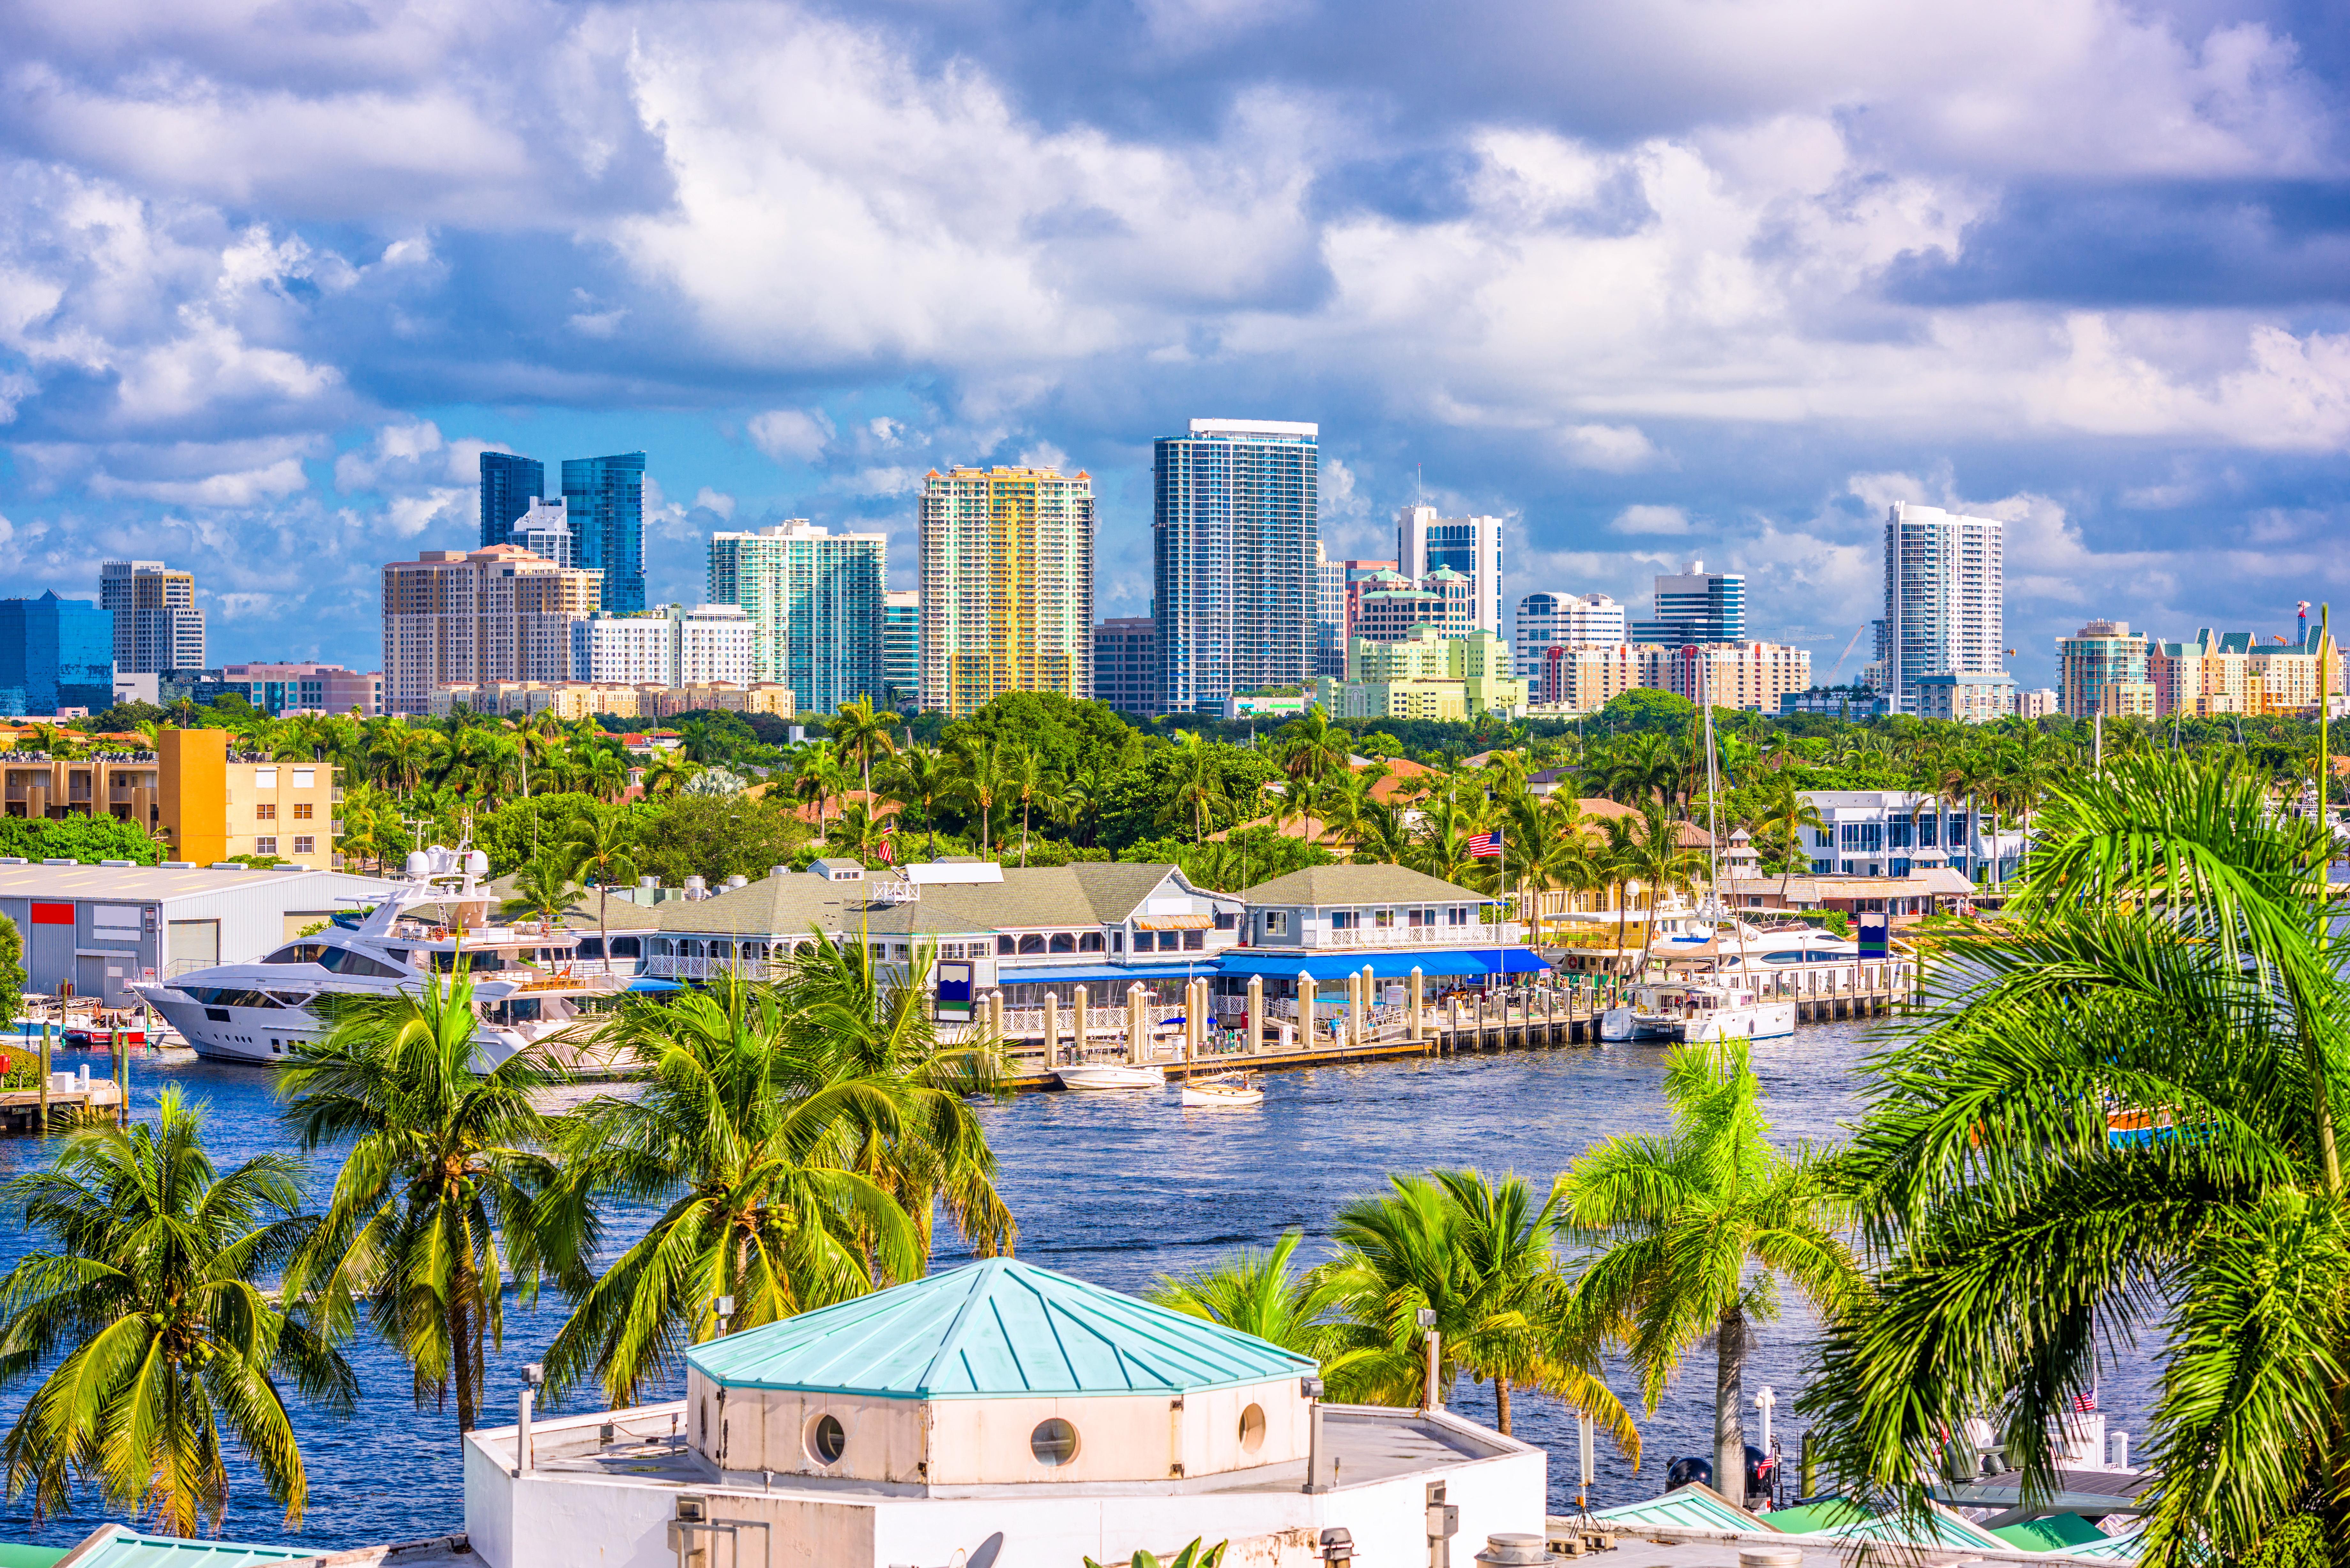 Télből a nyárba! Vár minket Florida! / Fotó: Shutterstock